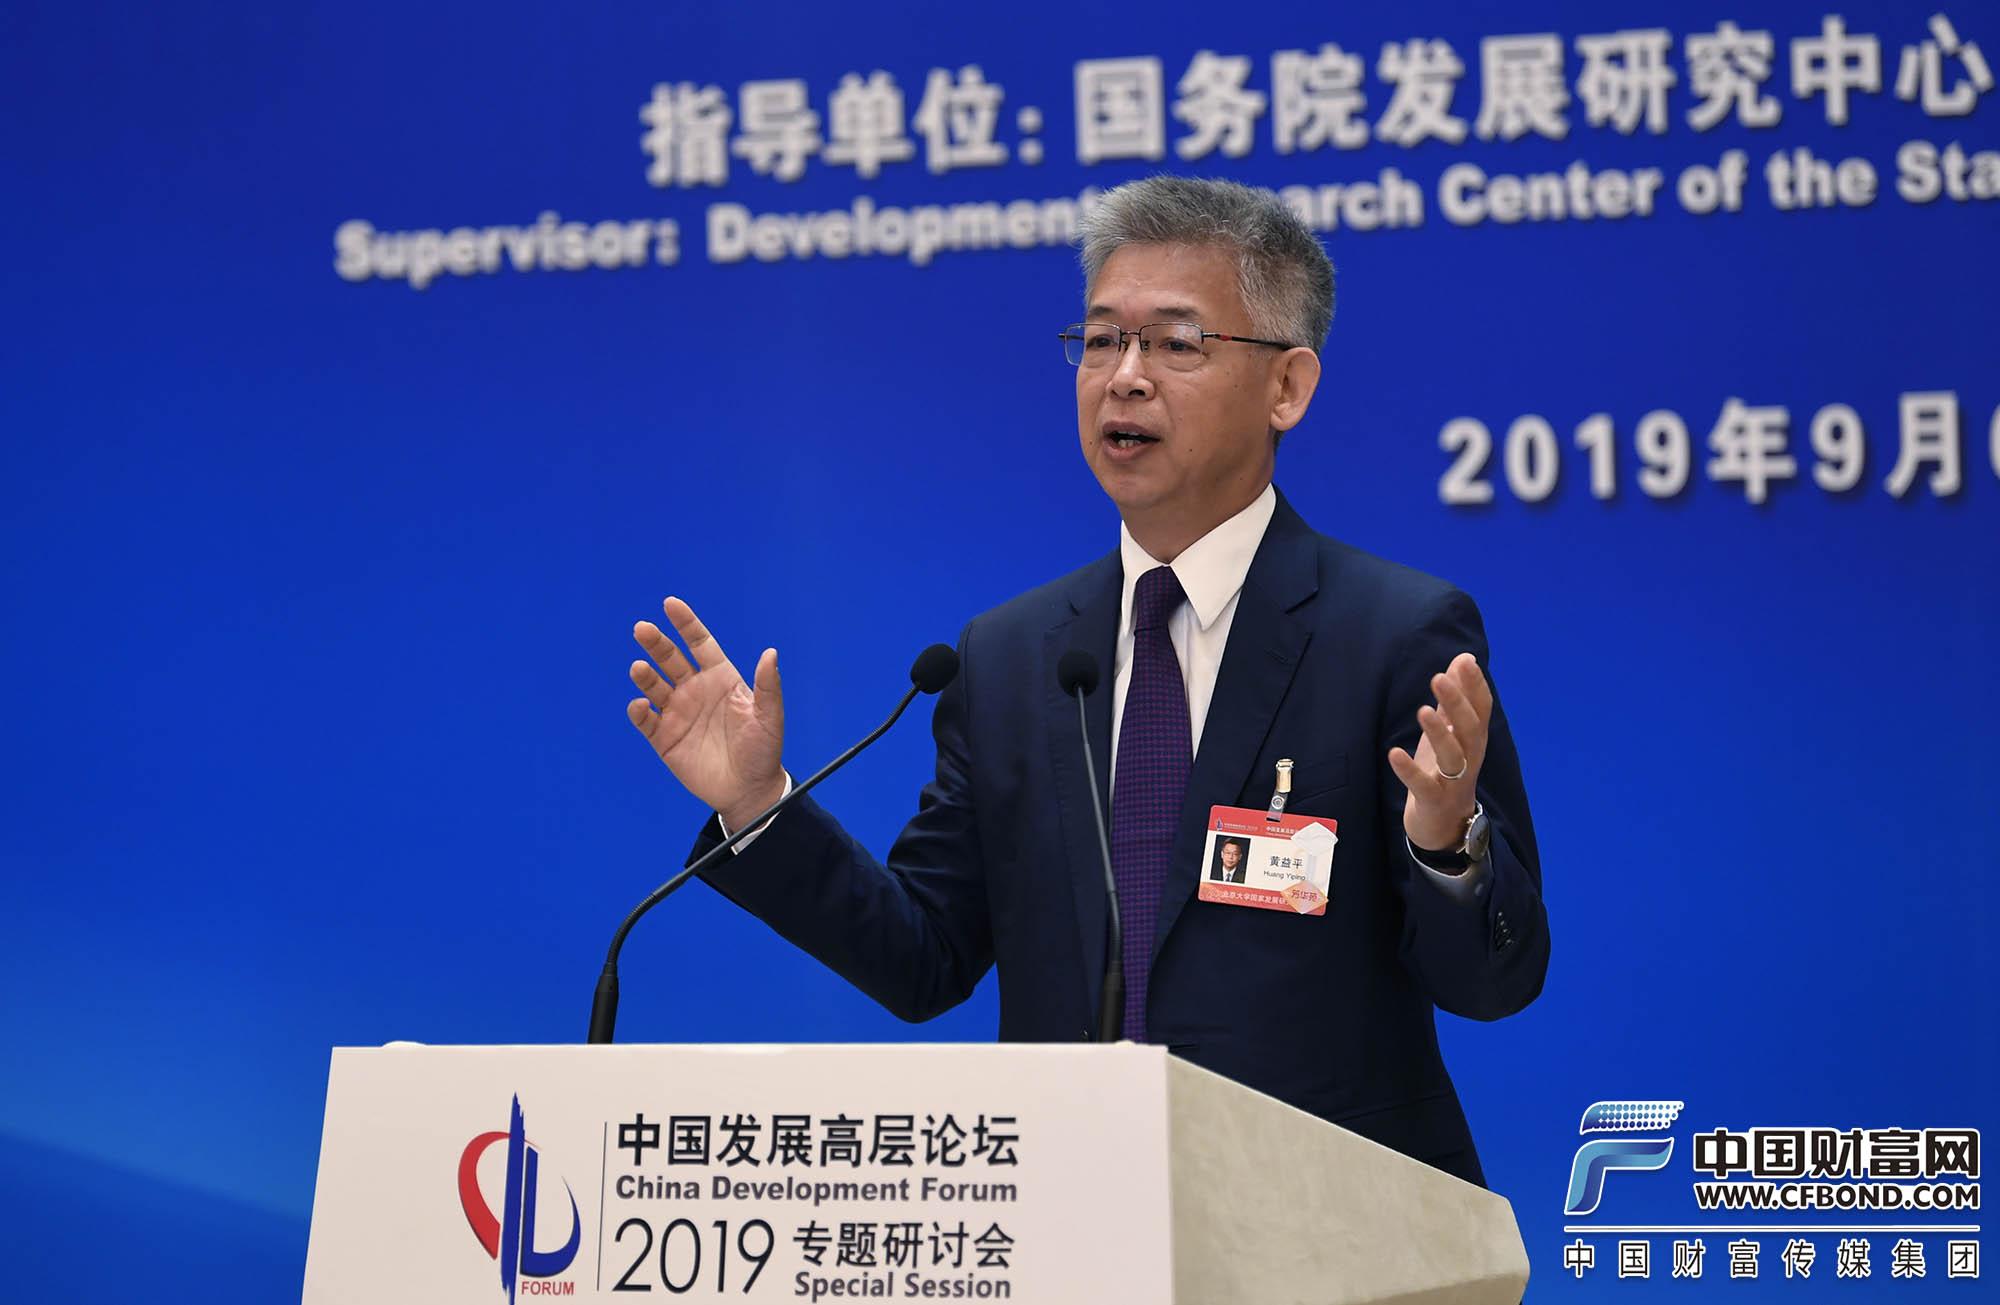 北京大学国家发展研究院副院长黄益平演讲